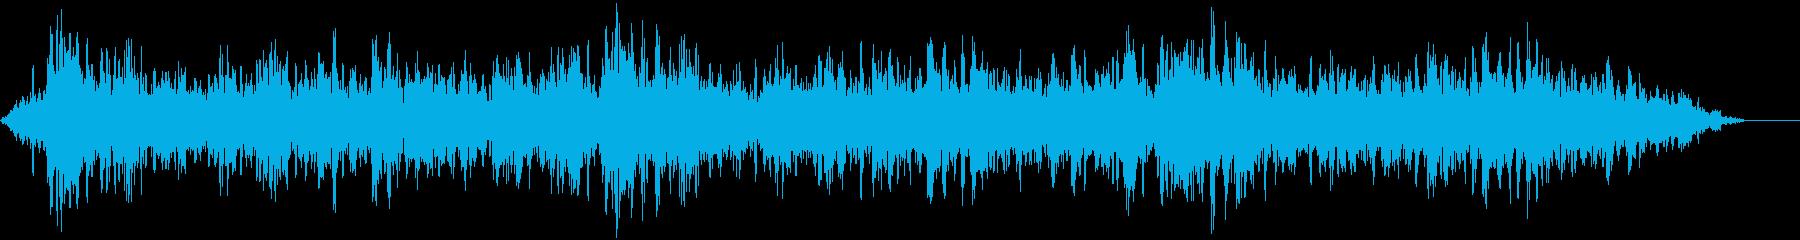 【ホラーゲーム】真夜中の雑音の再生済みの波形